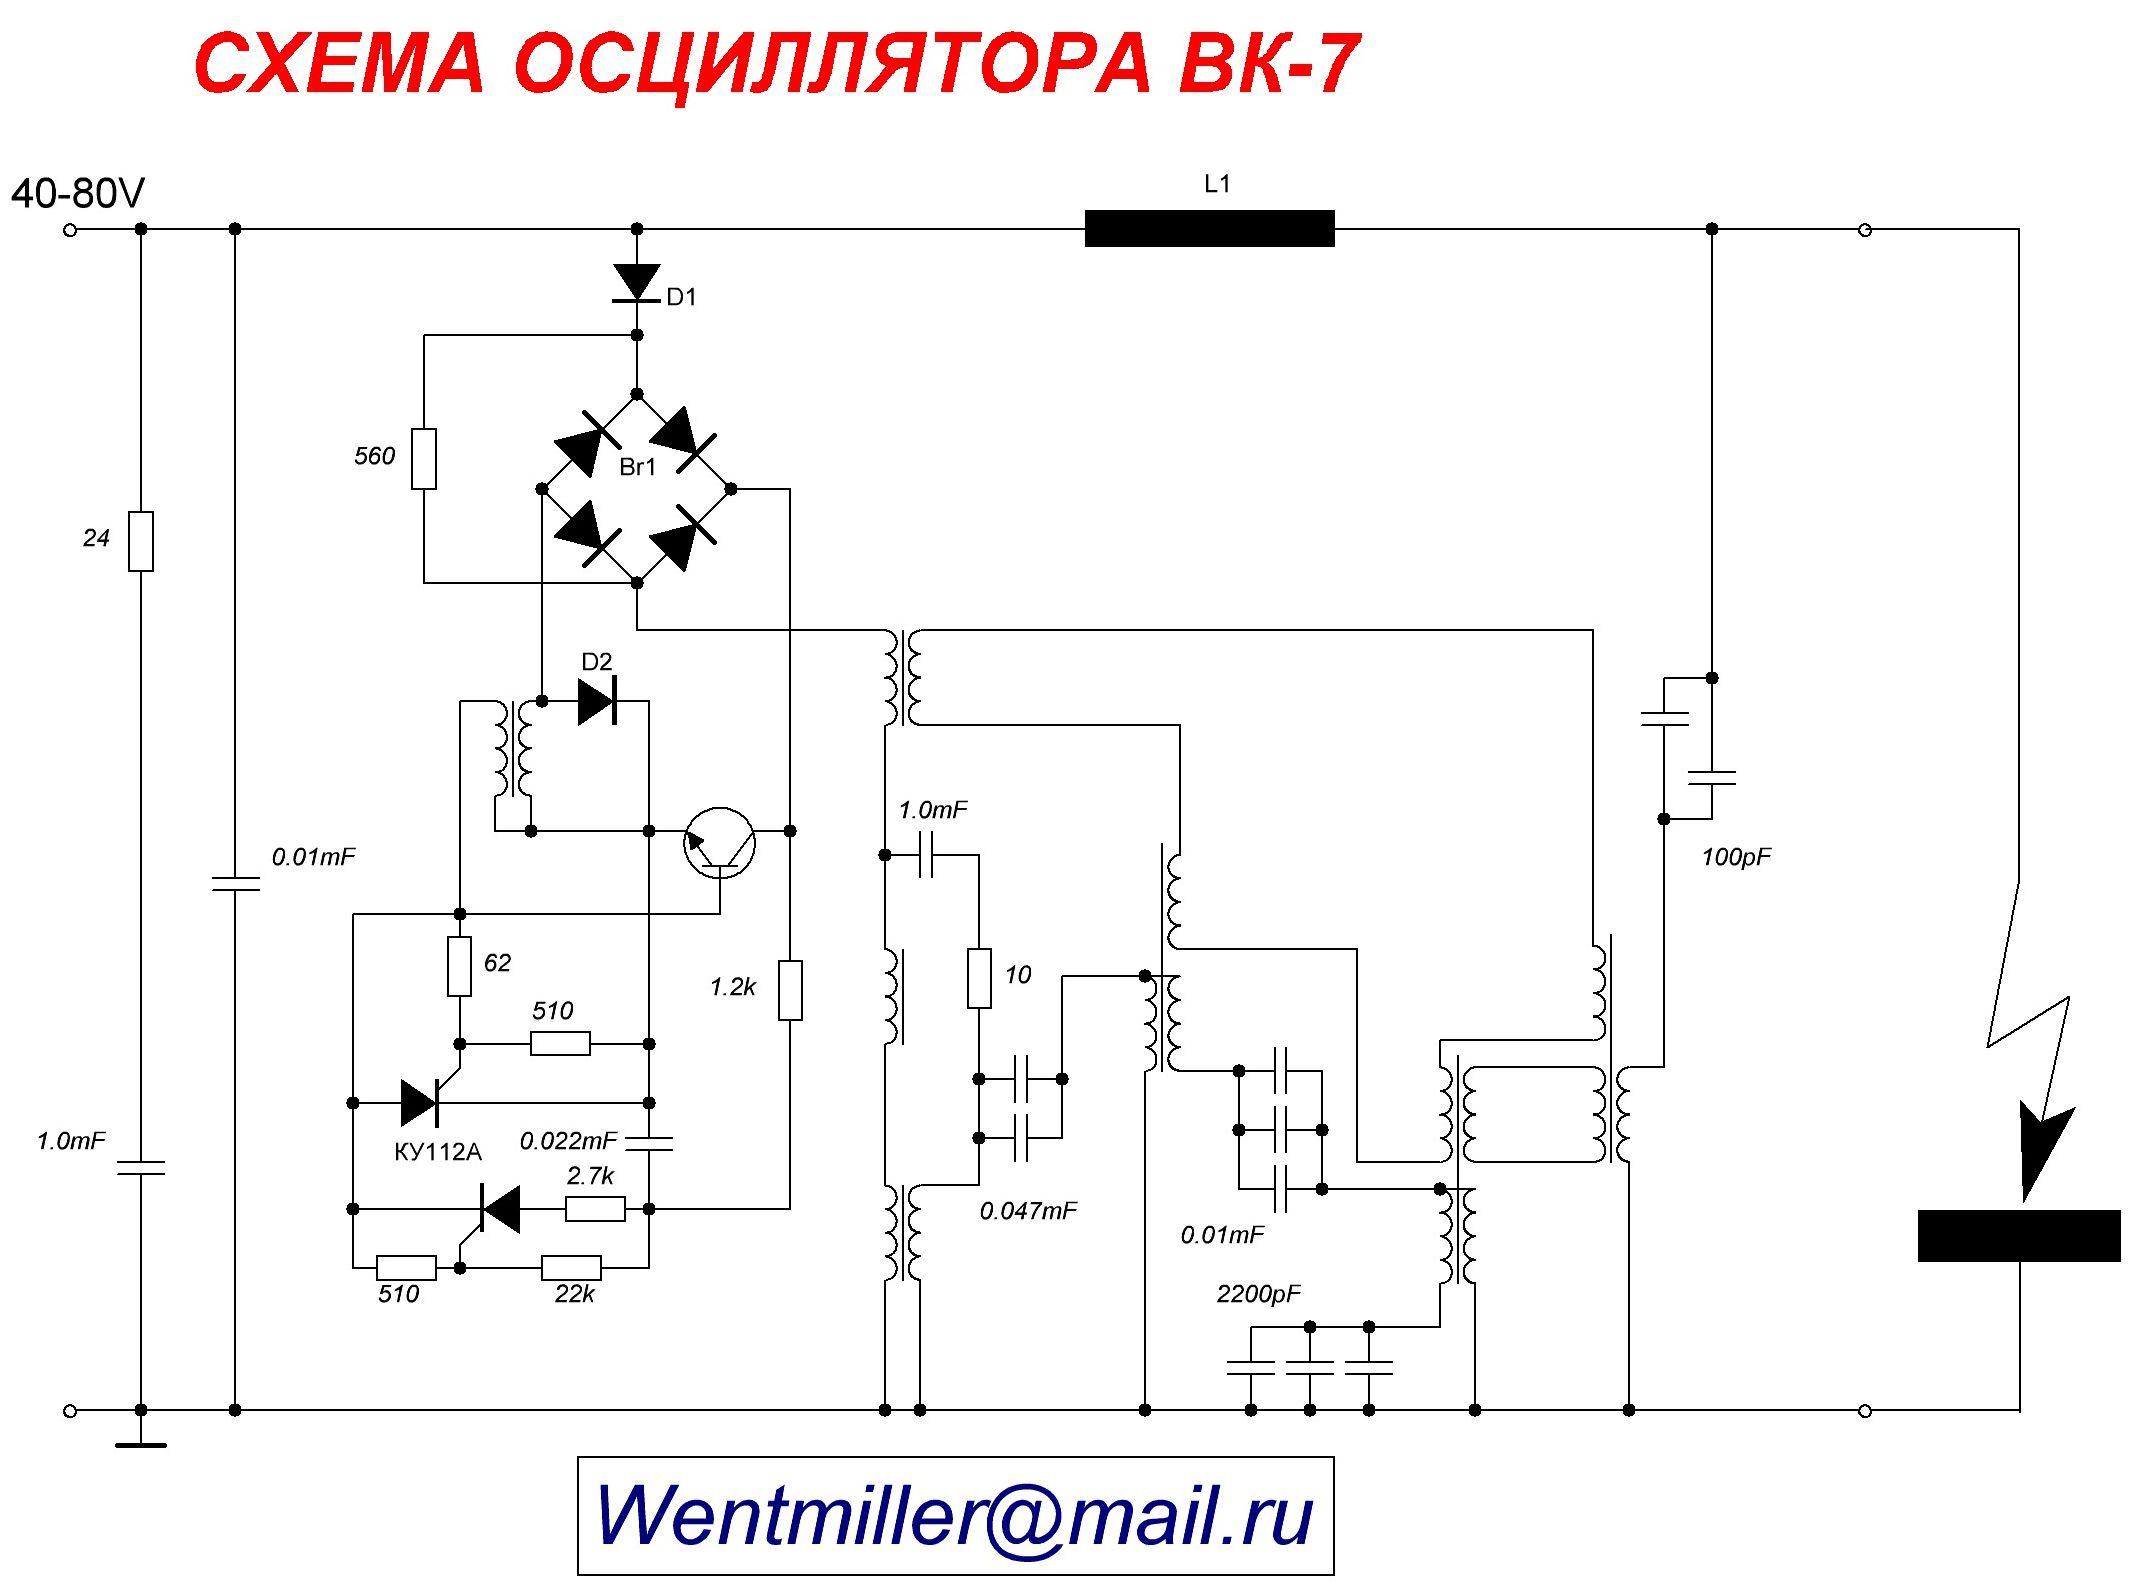 h схему осцилятора